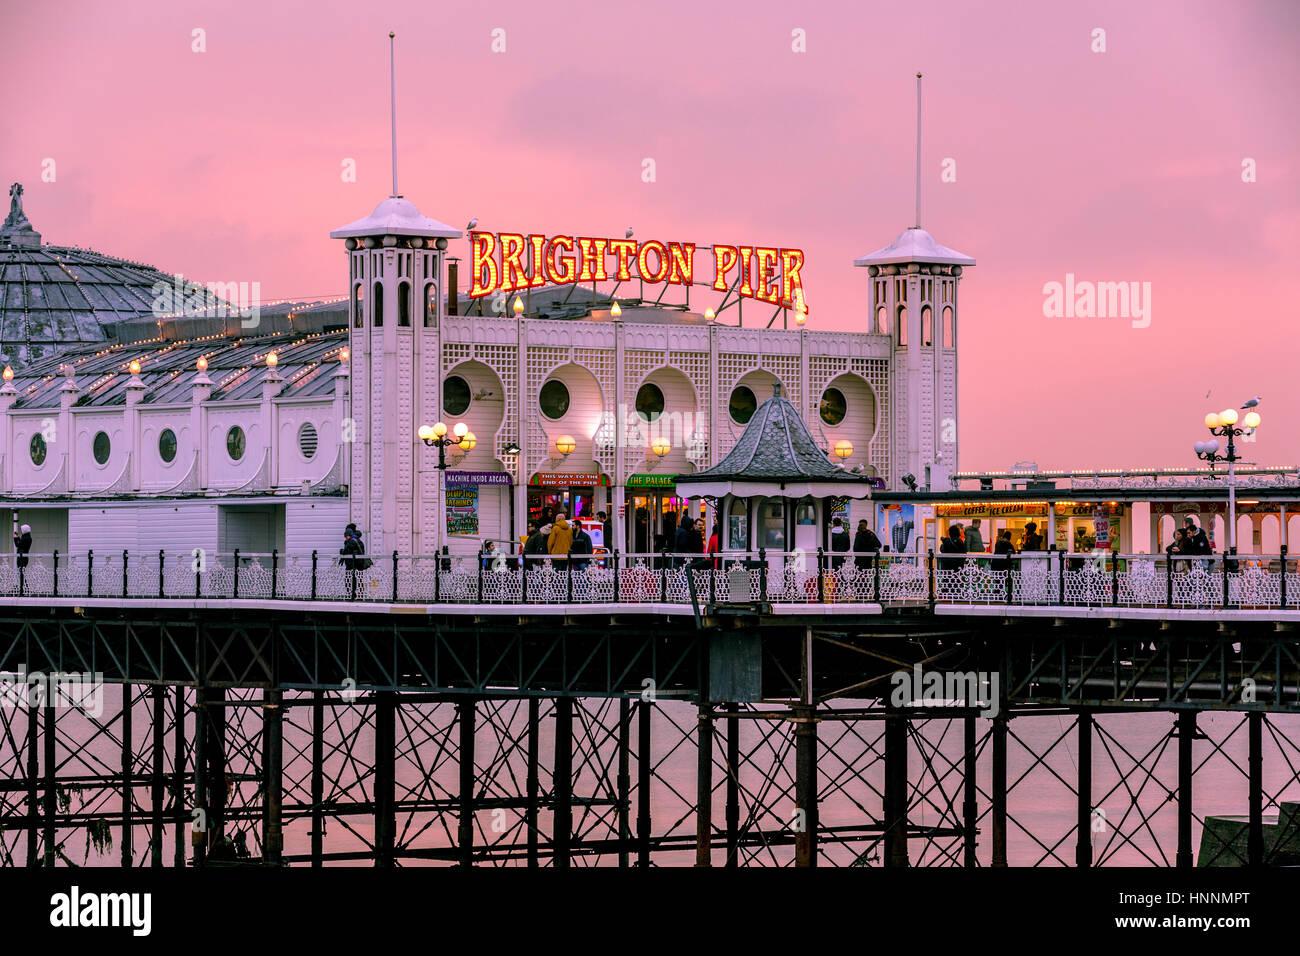 Splendido tramonto al crepuscolo con un caldo rossastro al Brighton Pier, Brighton, Engalnd, UK Foto Stock